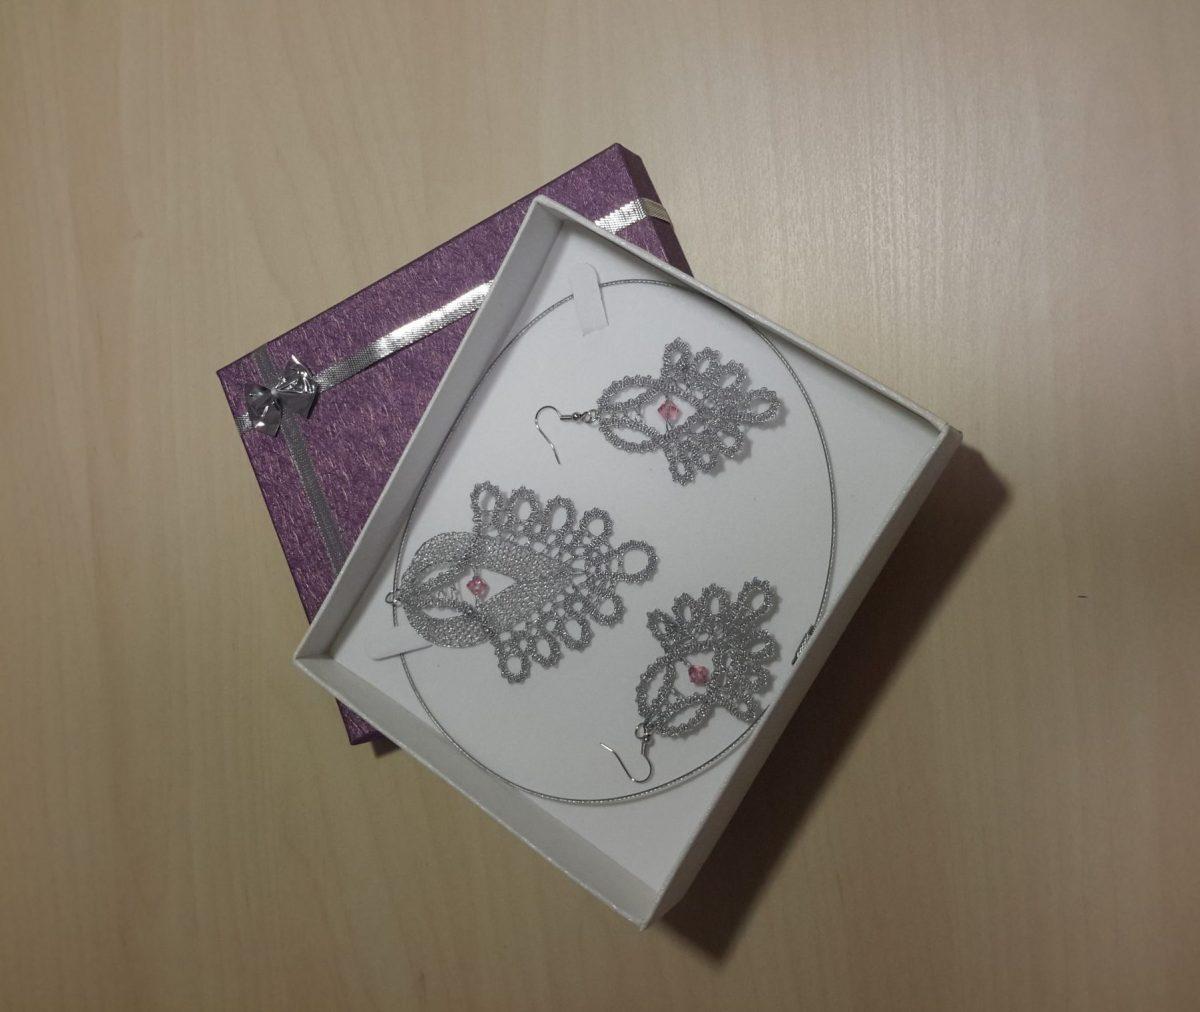 Komplet čipkastih uhanov in ogrlice - obesek izdelana iz metaliziranega sukanca in kristali Swarovski.